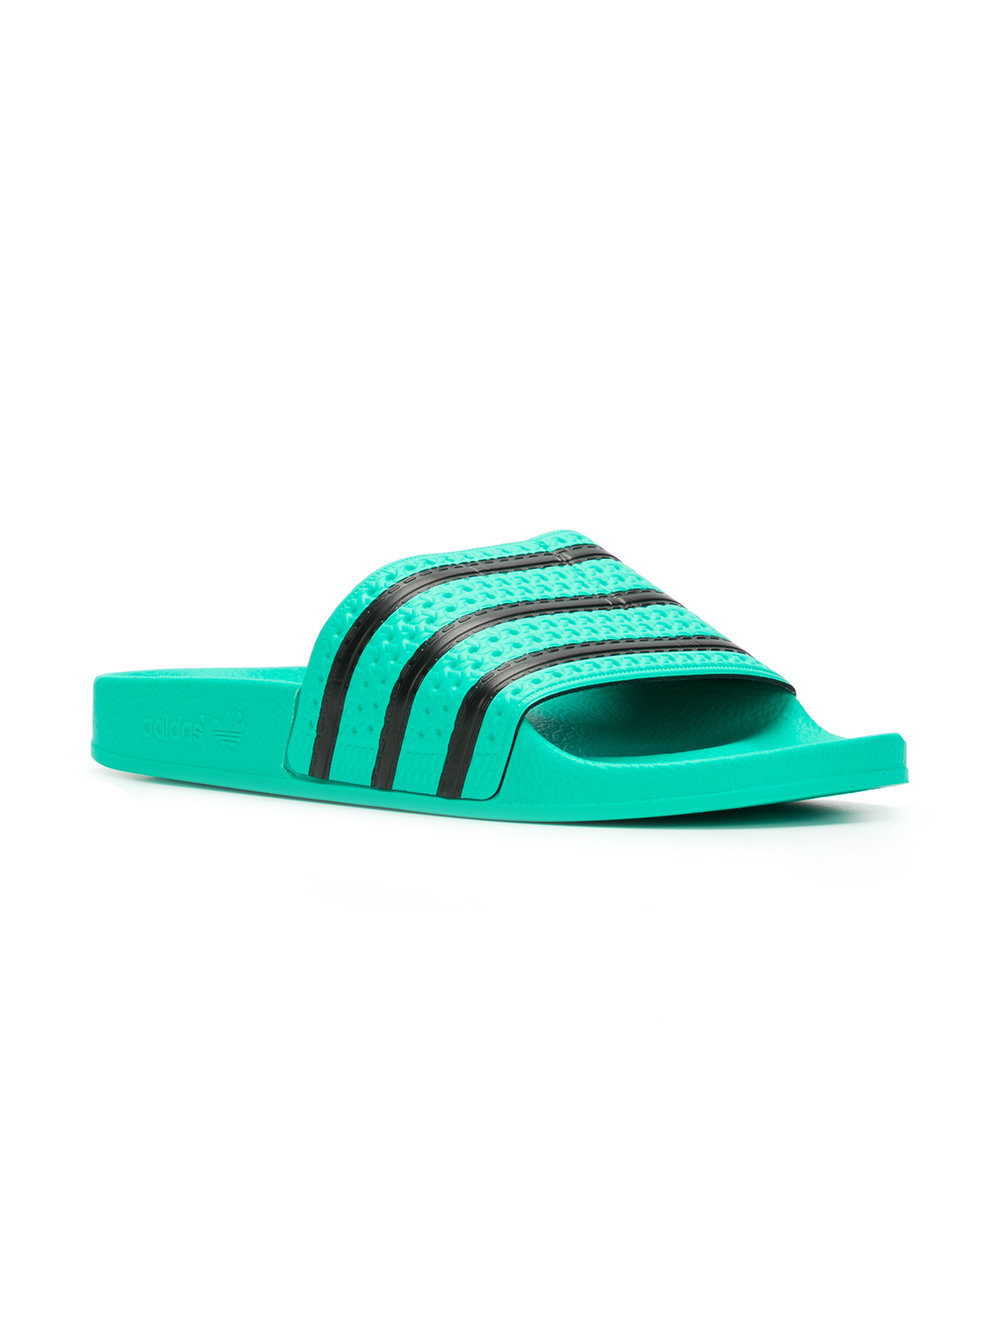 6ffba5ce22f2 ... adidas Adilette Slides ...